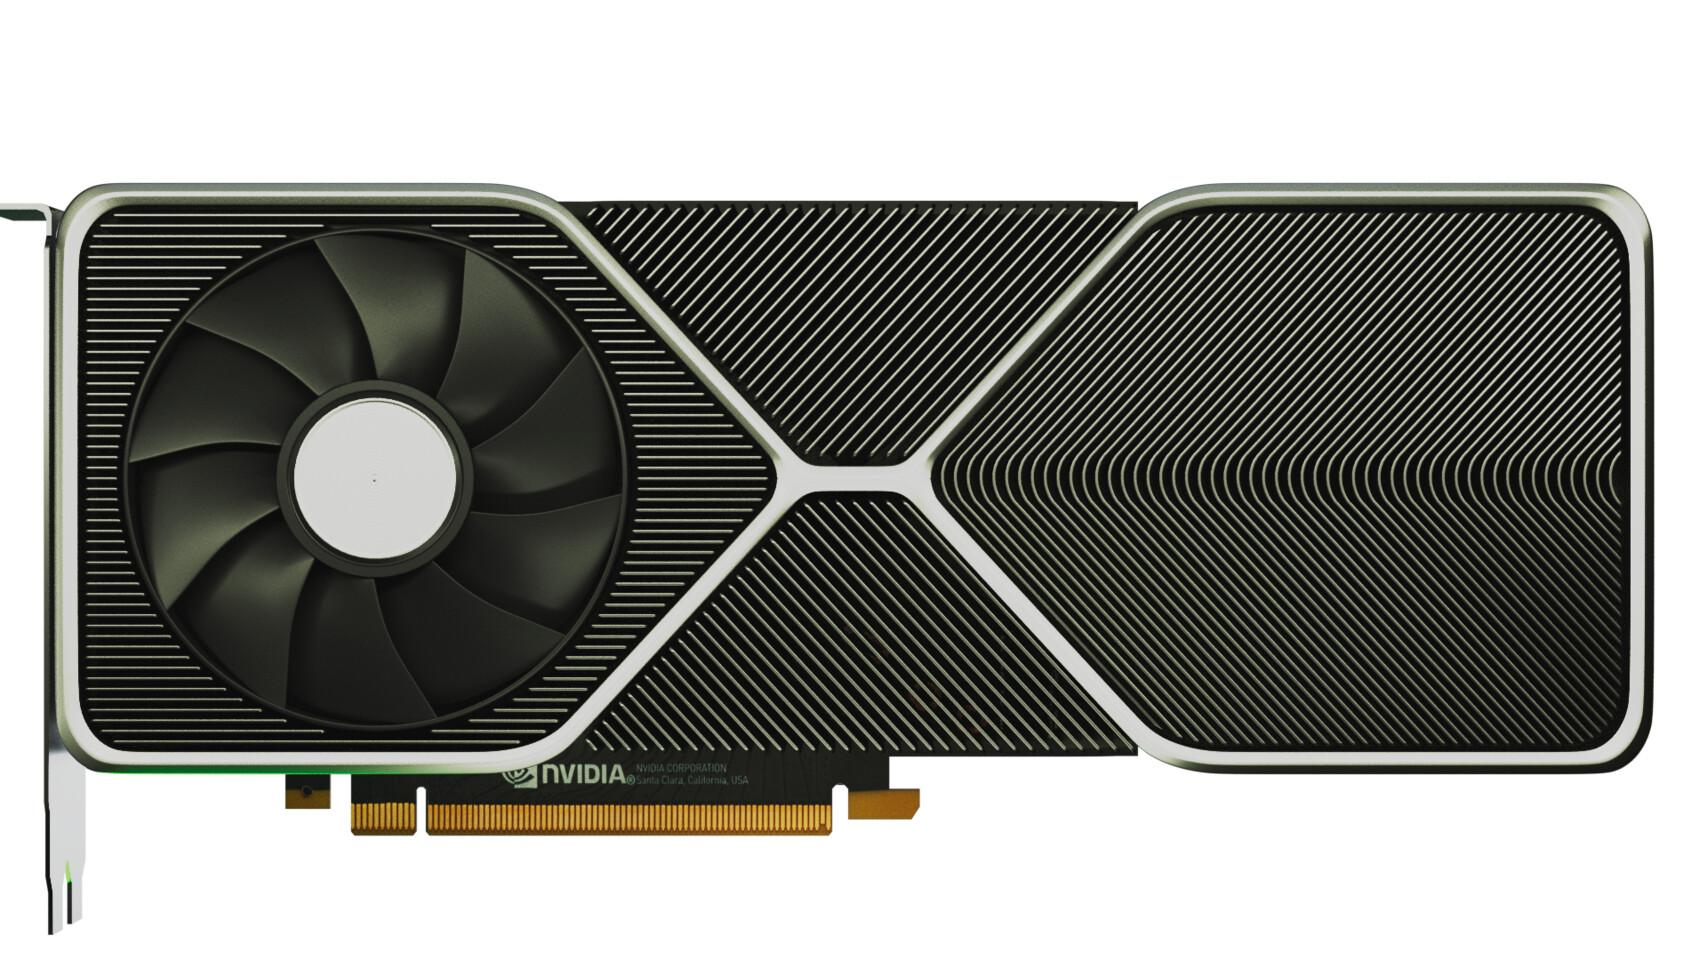 NVIDIA GeForce RTX 3080 может выглядеть так. Фаны сделали рендер пофото